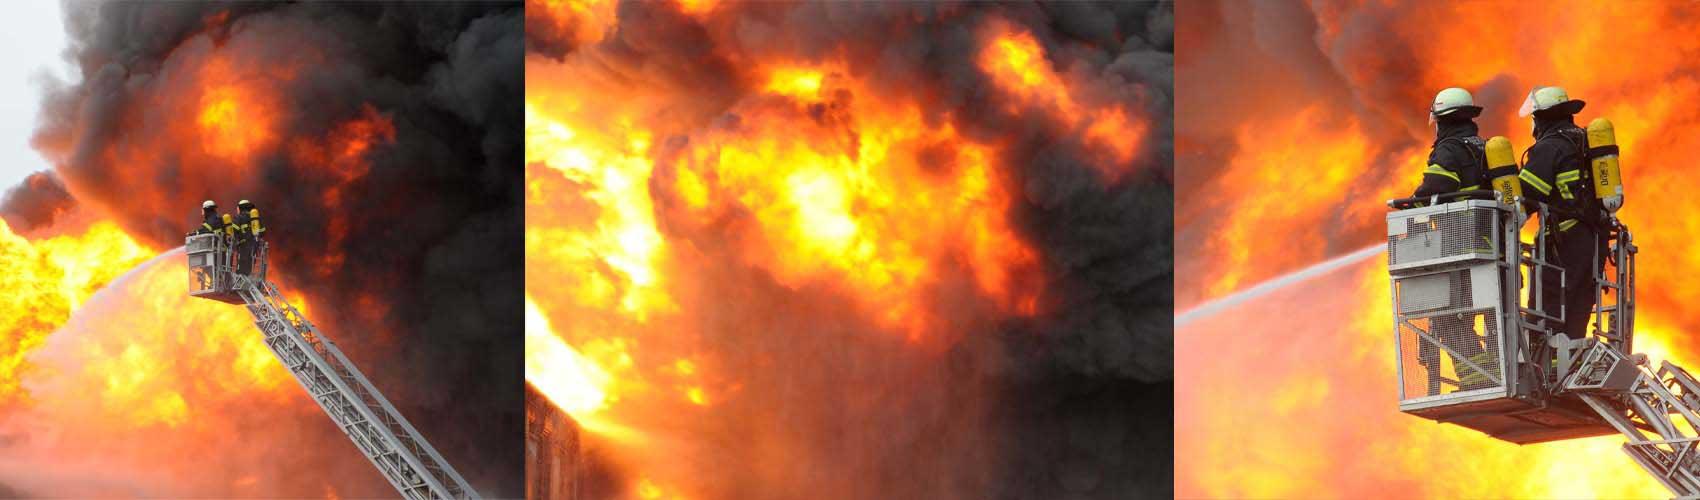 Brandschutzhelfer-Feuerlöschtraining